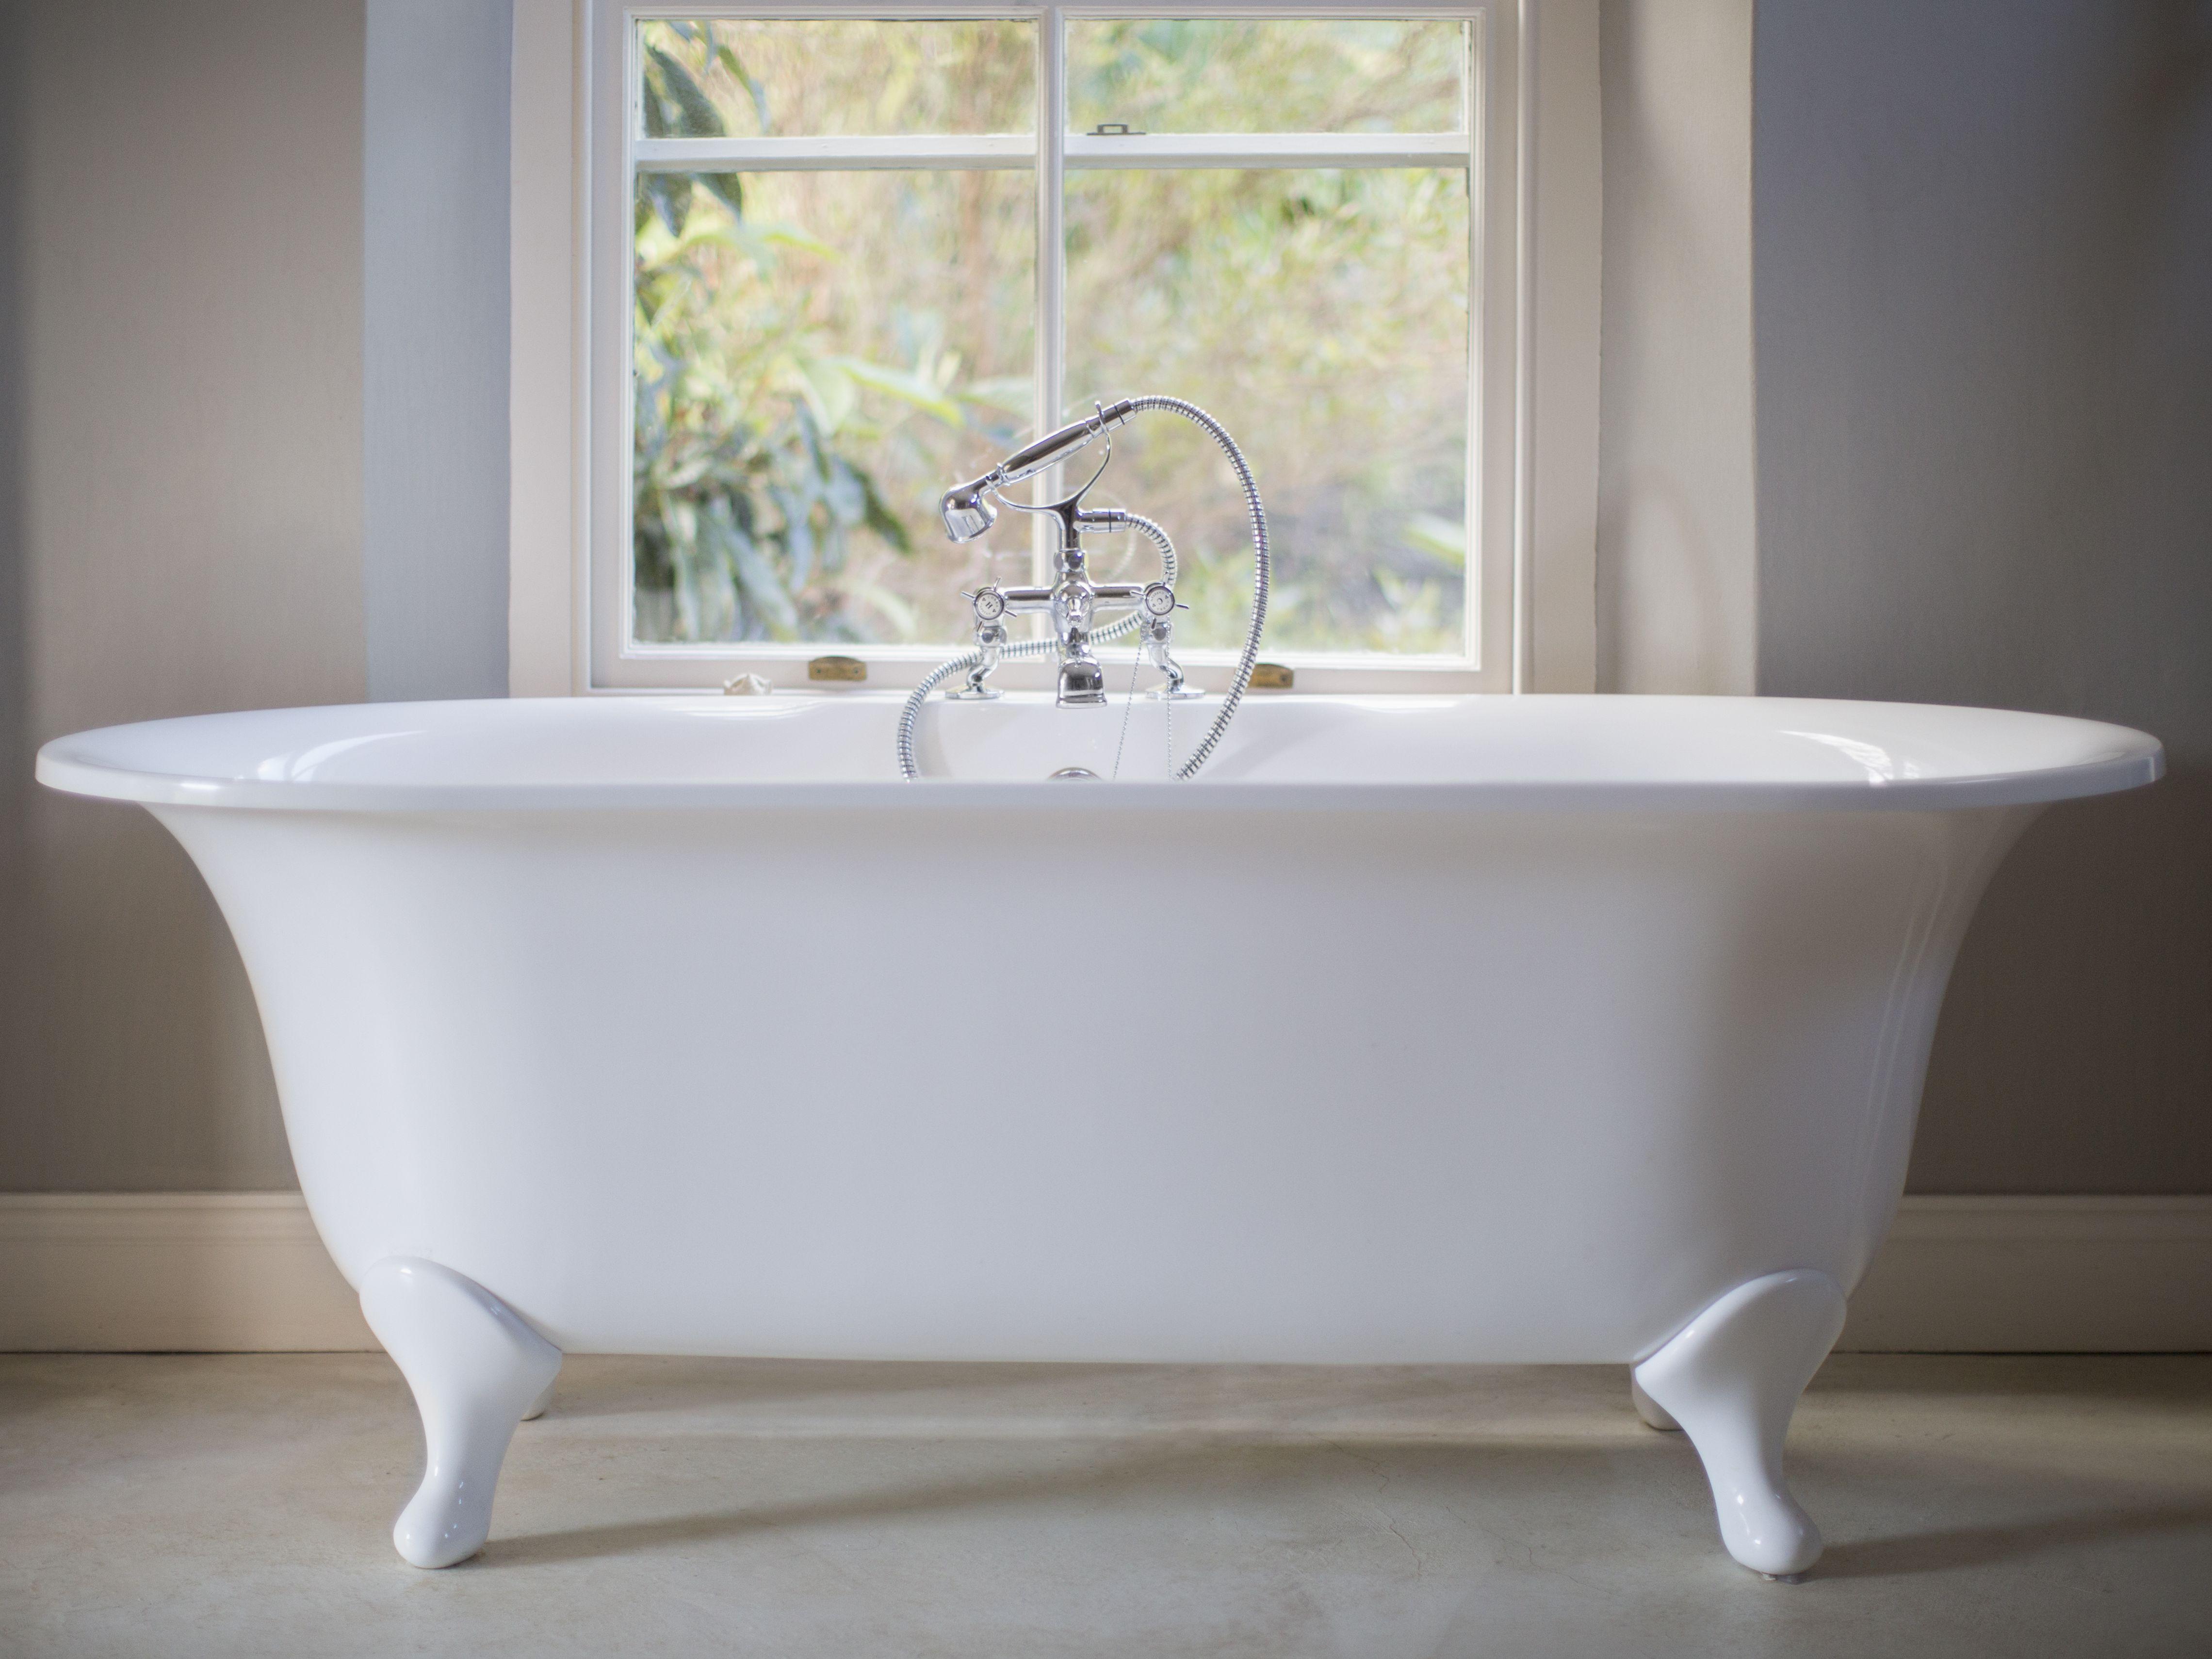 Best Tub Repair Kits of 2019